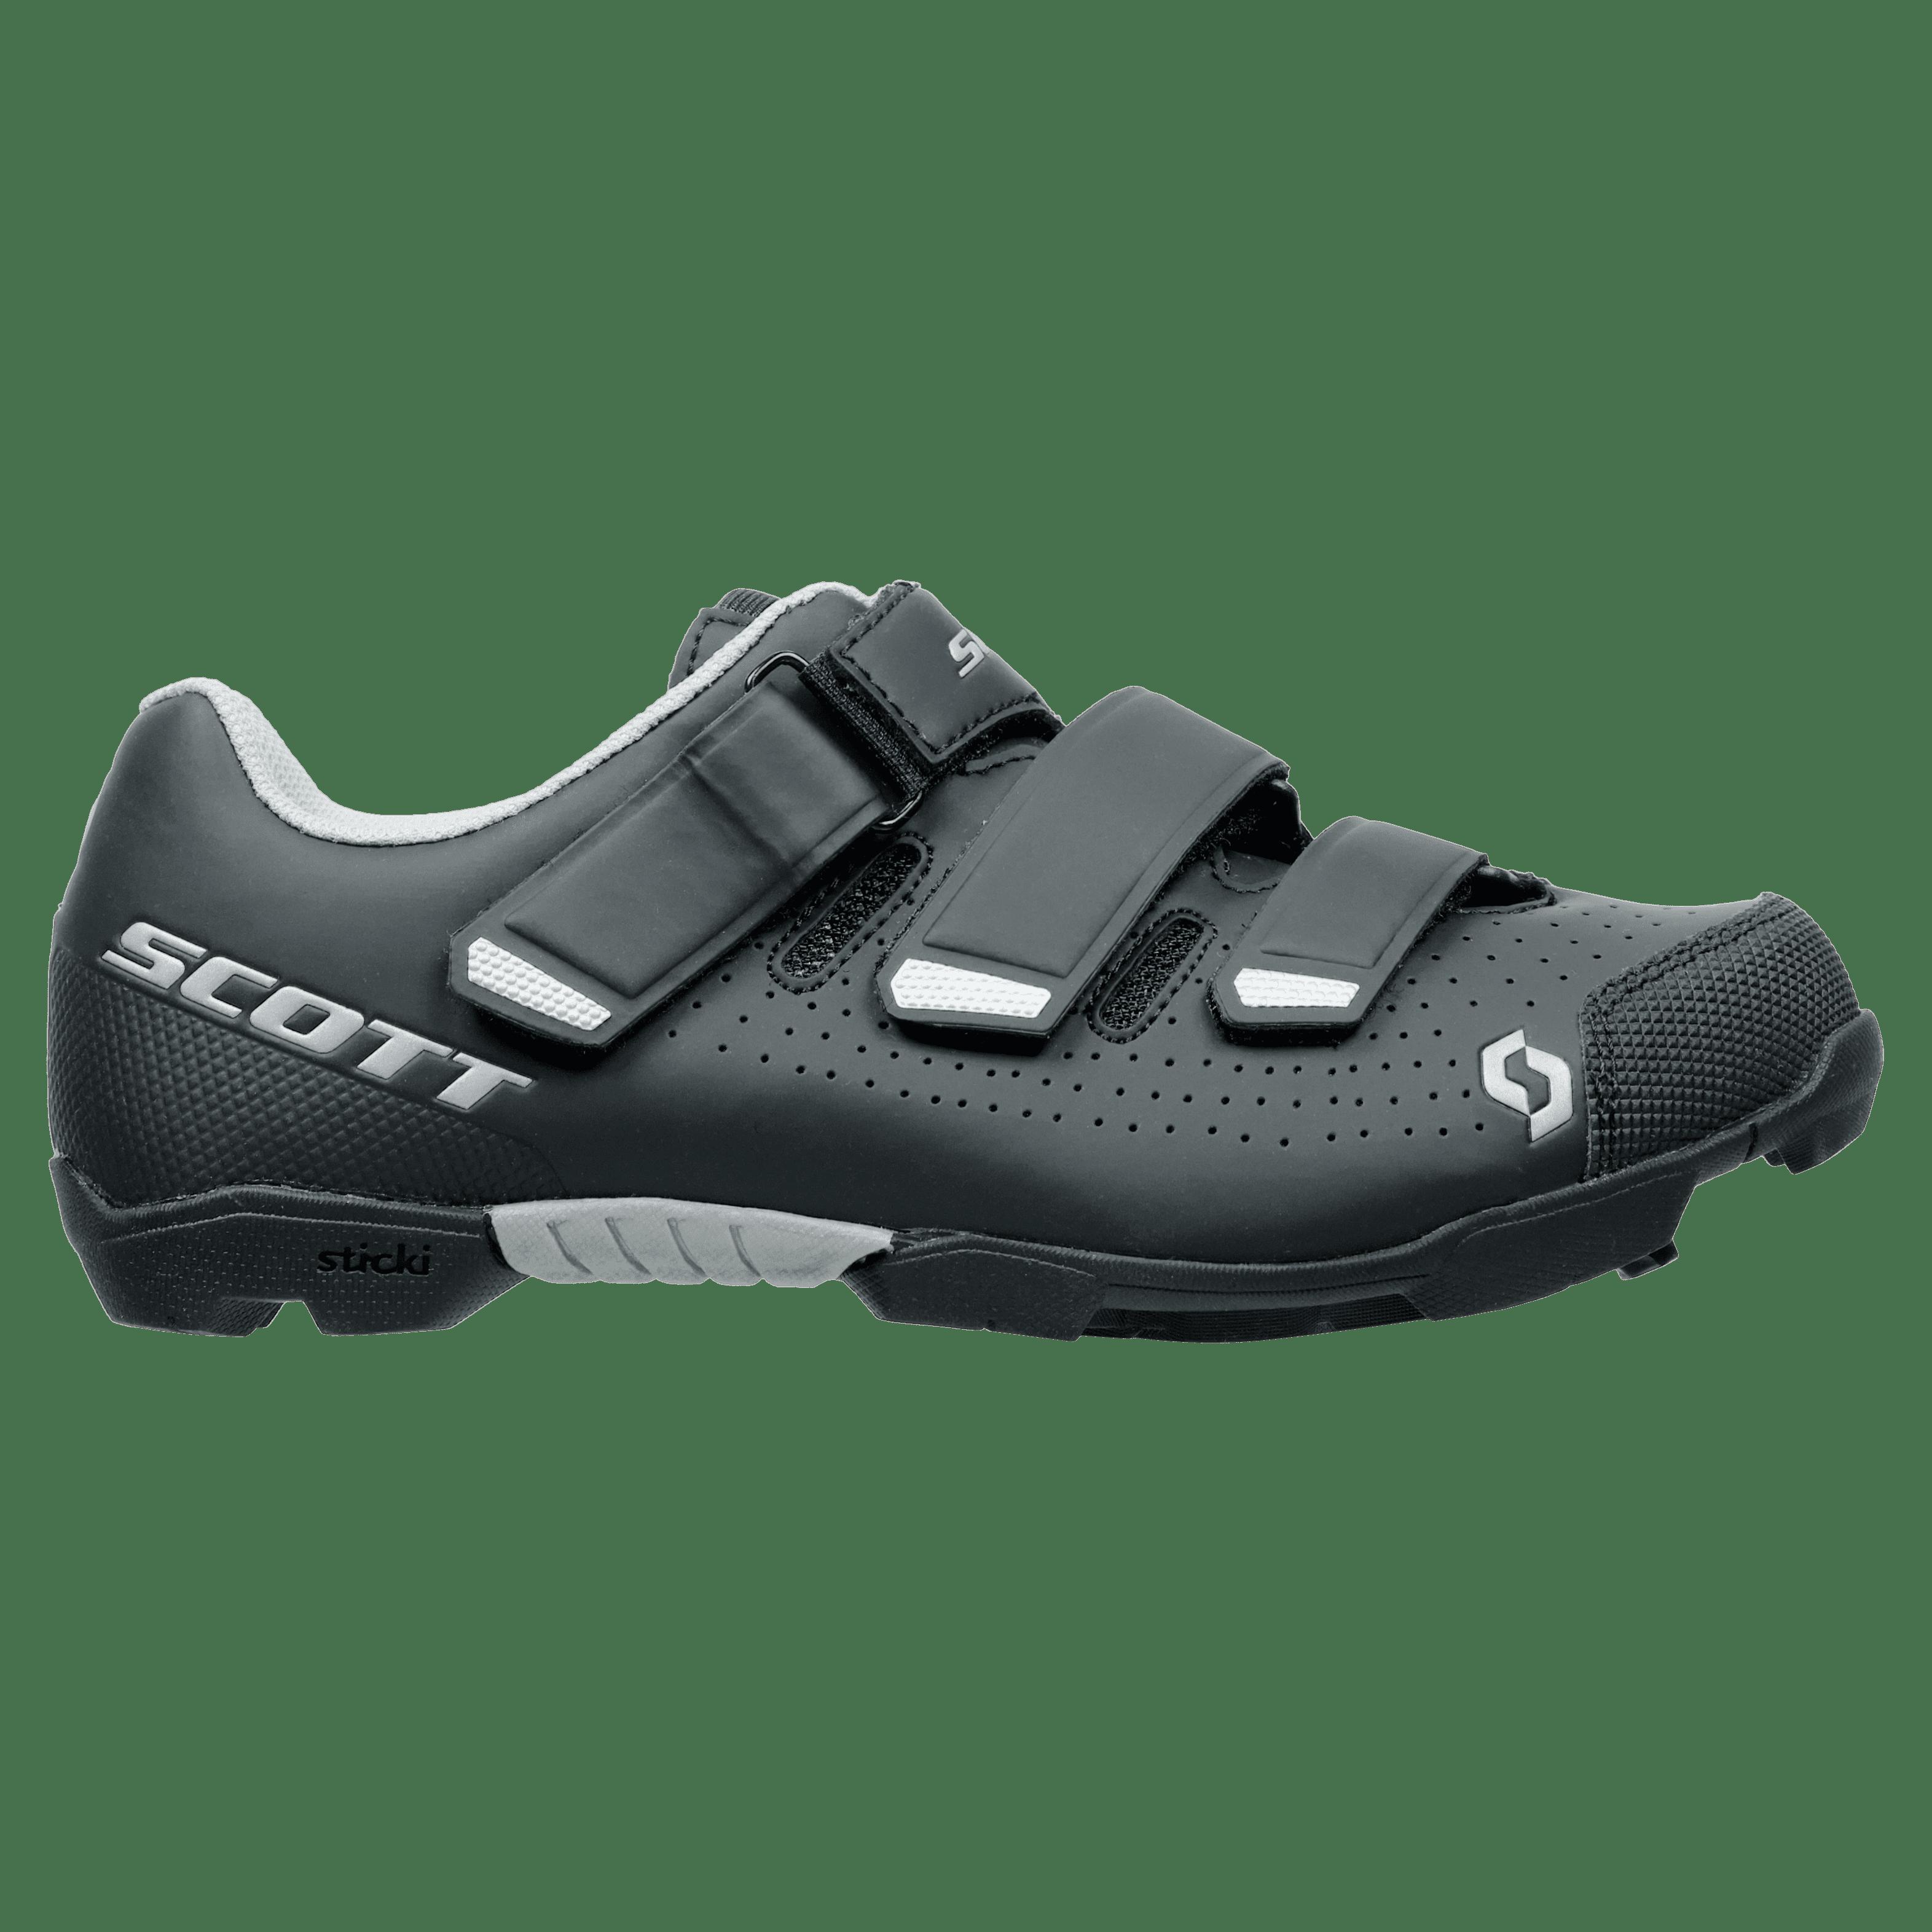 SCOTT MTB Comp RS Lady Shoe